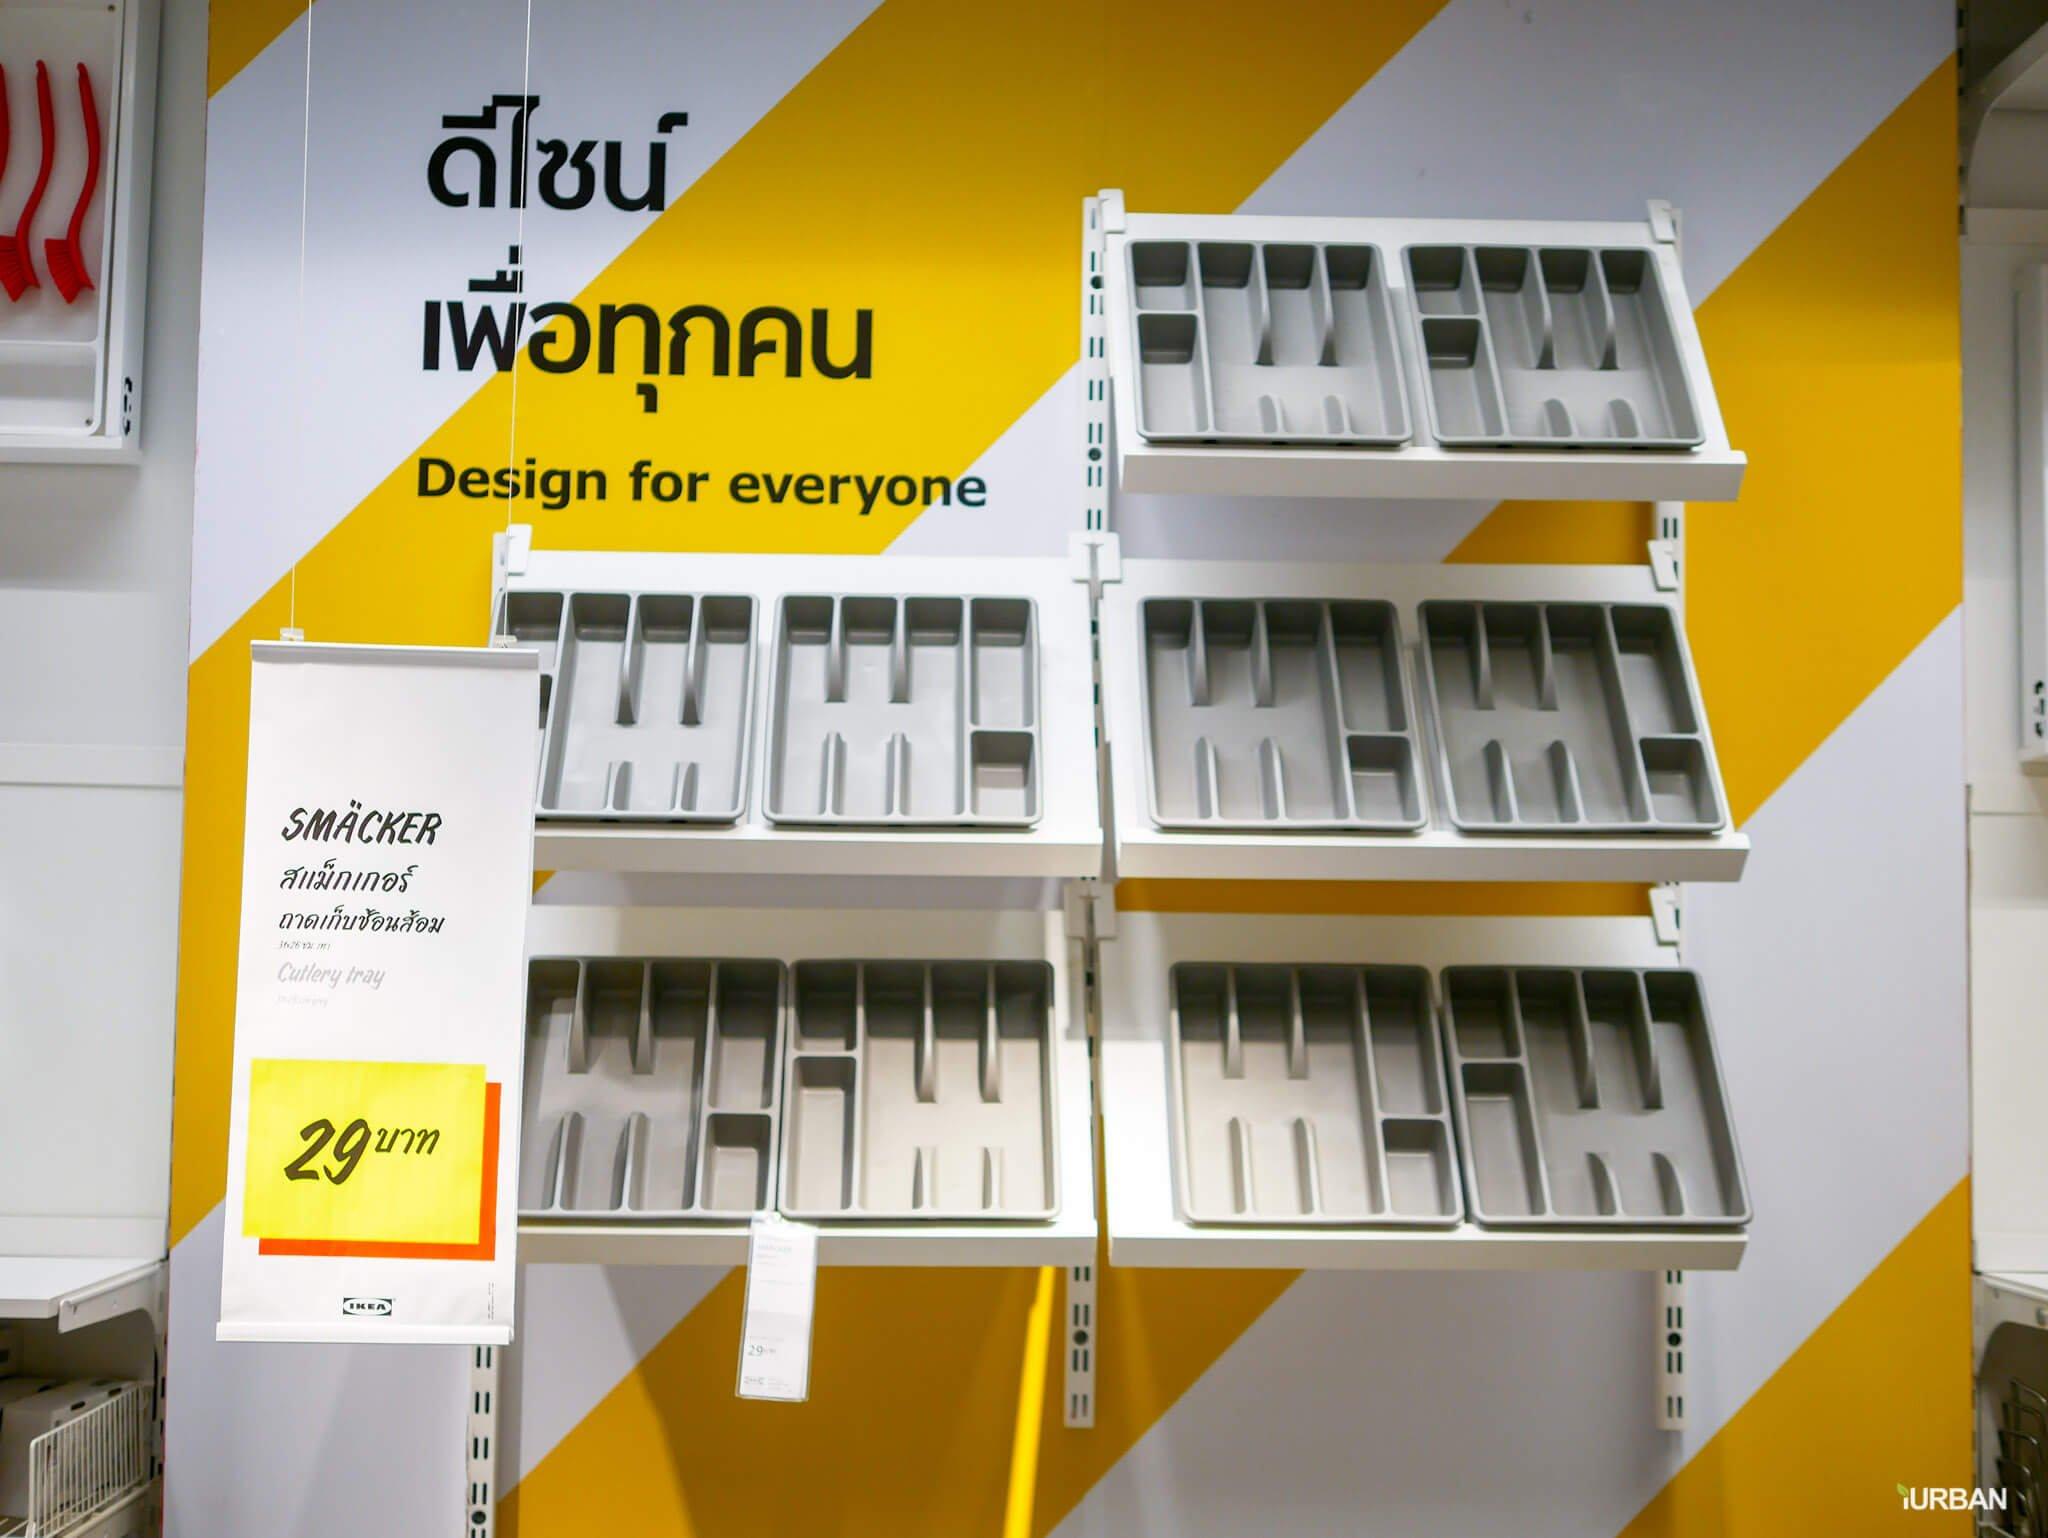 มันเยอะมากกกก!! IKEA Year End SALE 2017 รวมของเซลในอิเกีย ลดเยอะ ลดแหลก รีบพุ่งตัวไป วันนี้ - 7 มกราคม 61 58 - IKEA (อิเกีย)